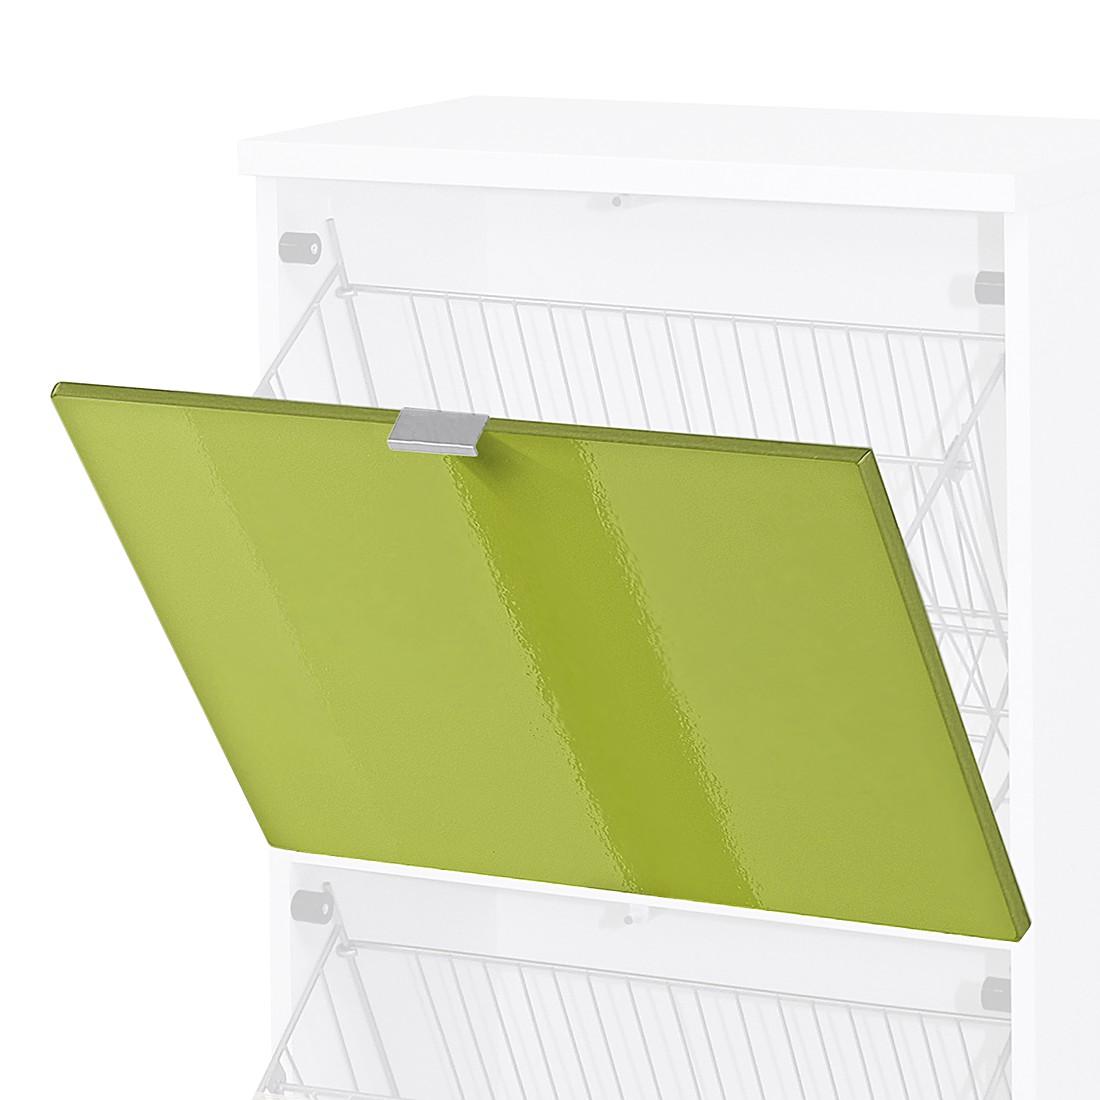 Home 24 - Porte abattante colorado - vert brillant, top square